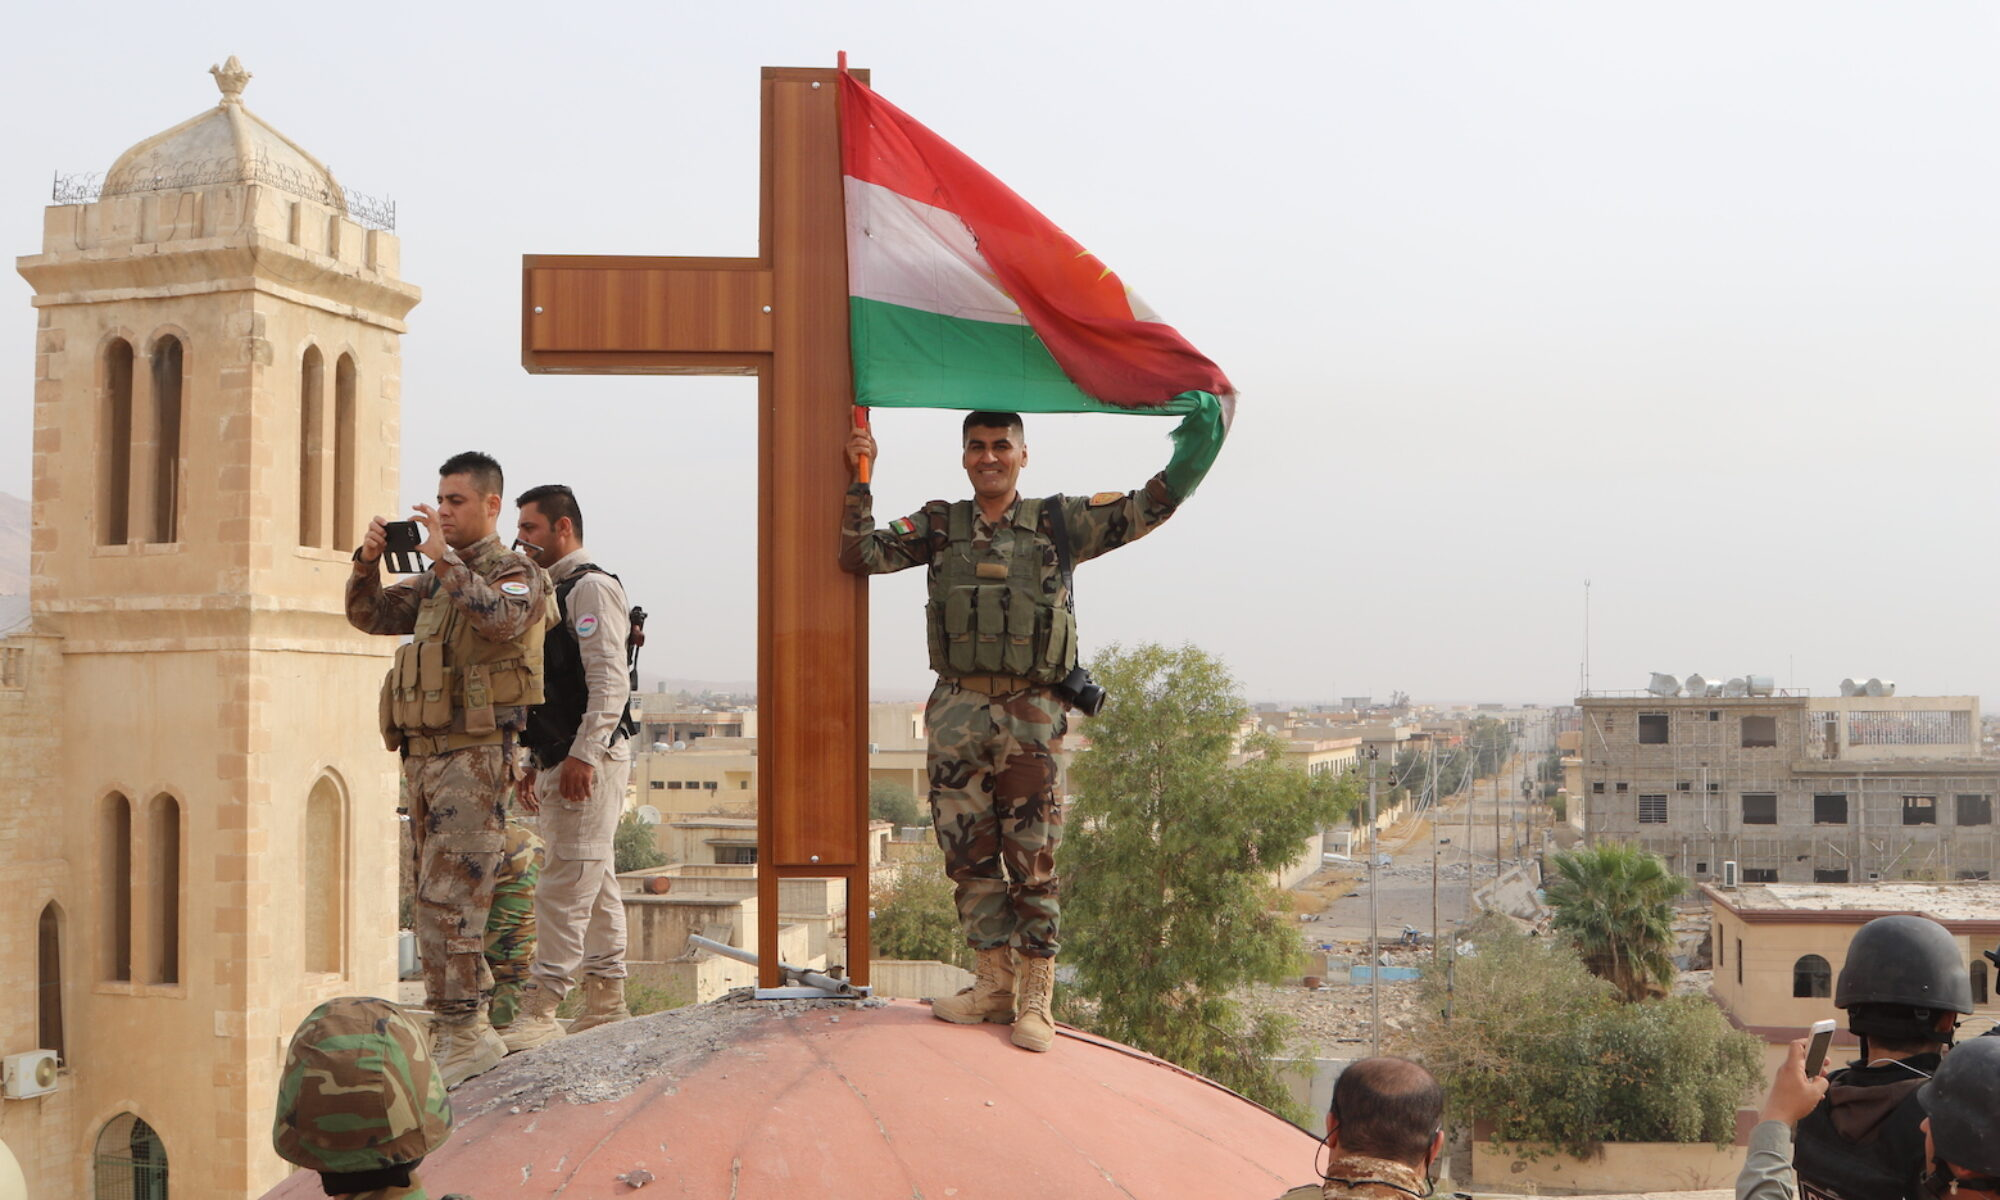 Irak Cumhurbaşkanı Salih'in Qereqûş'un kurtarılması ile ilgili yaptığı çarpıtmaya Kürdistan halkı, Peşmerge ve şehit yakınları sosyal medya platformlarından tepki gösterdi. Söz konusu tepkilerde Vatikan'ın ruhani lideri Papa gibi önemli bir kişi karşısında Kürt olan Cumhurbaşkanı Berhem Salih'in Peşmerge'nin başarısını saklamasına tepki gösterdi.